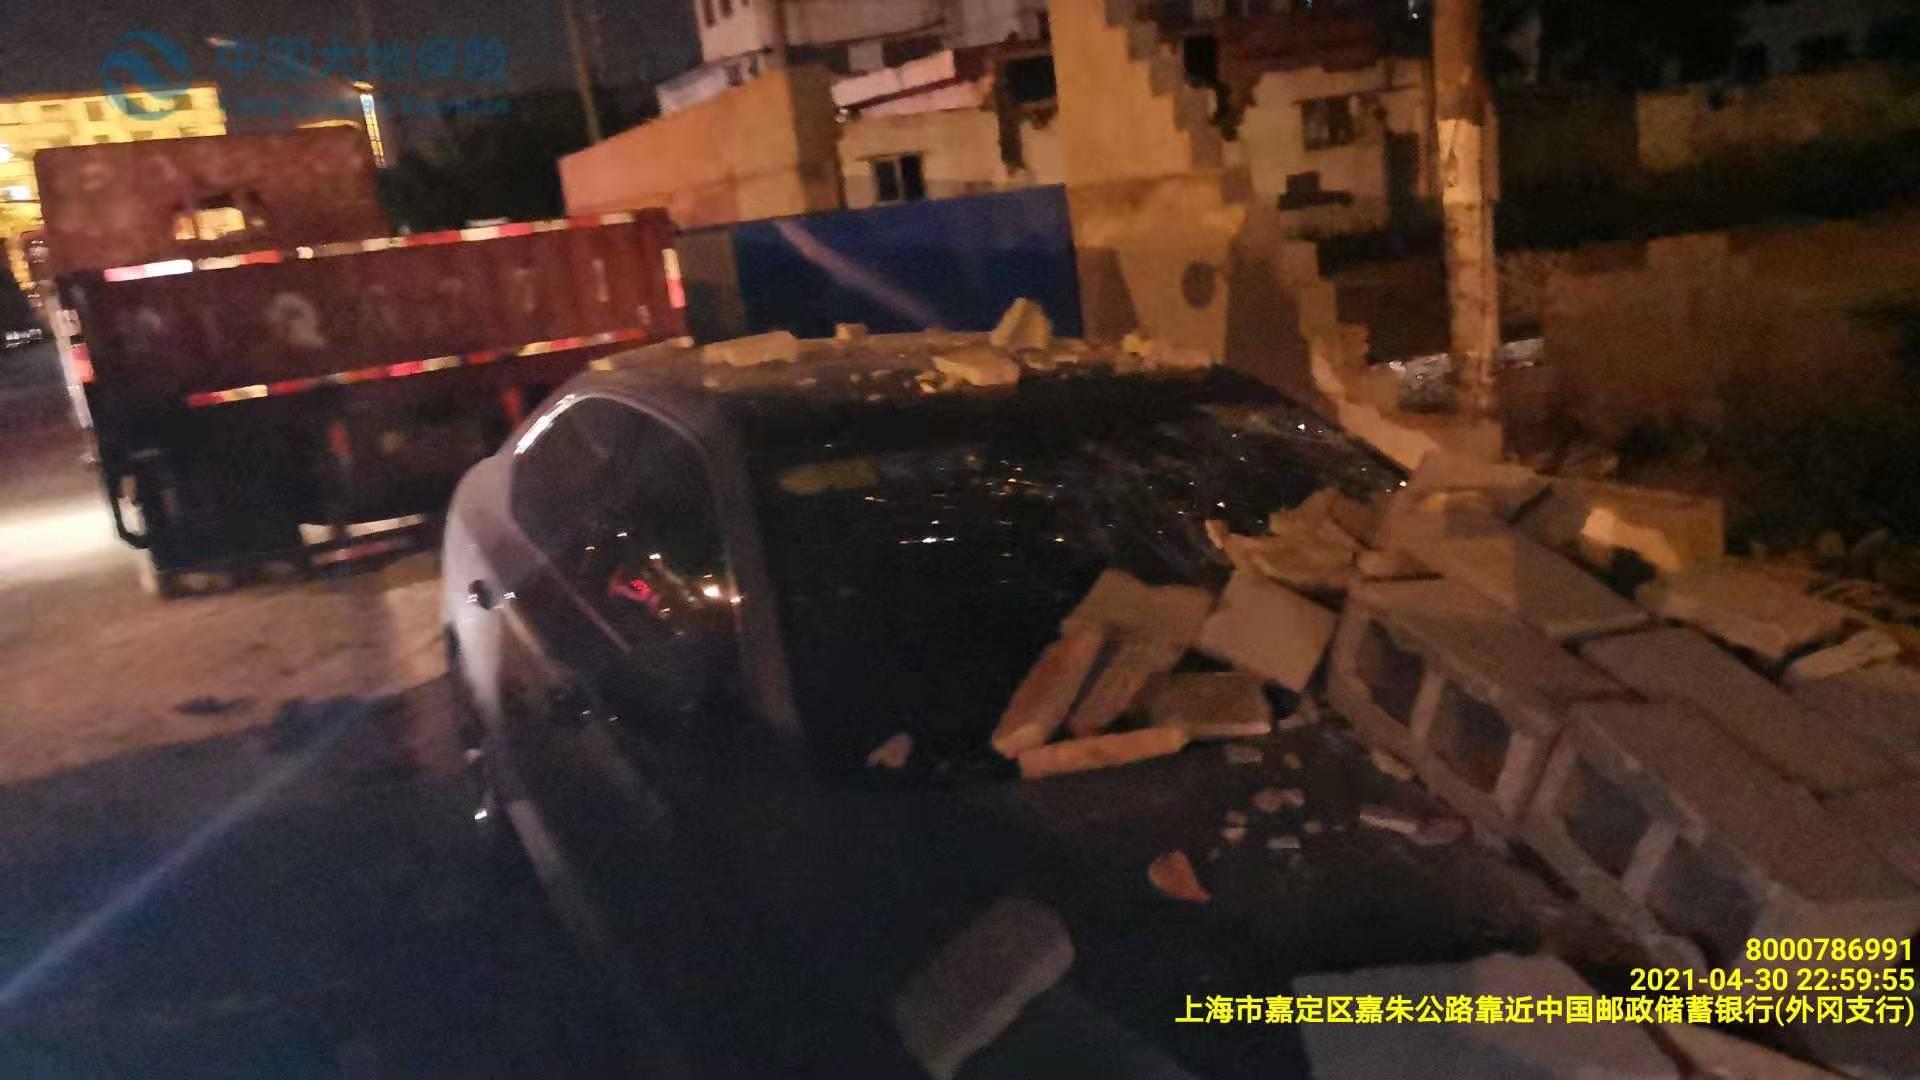 中國大地保險全力開展冰雹大風災害理賠工作